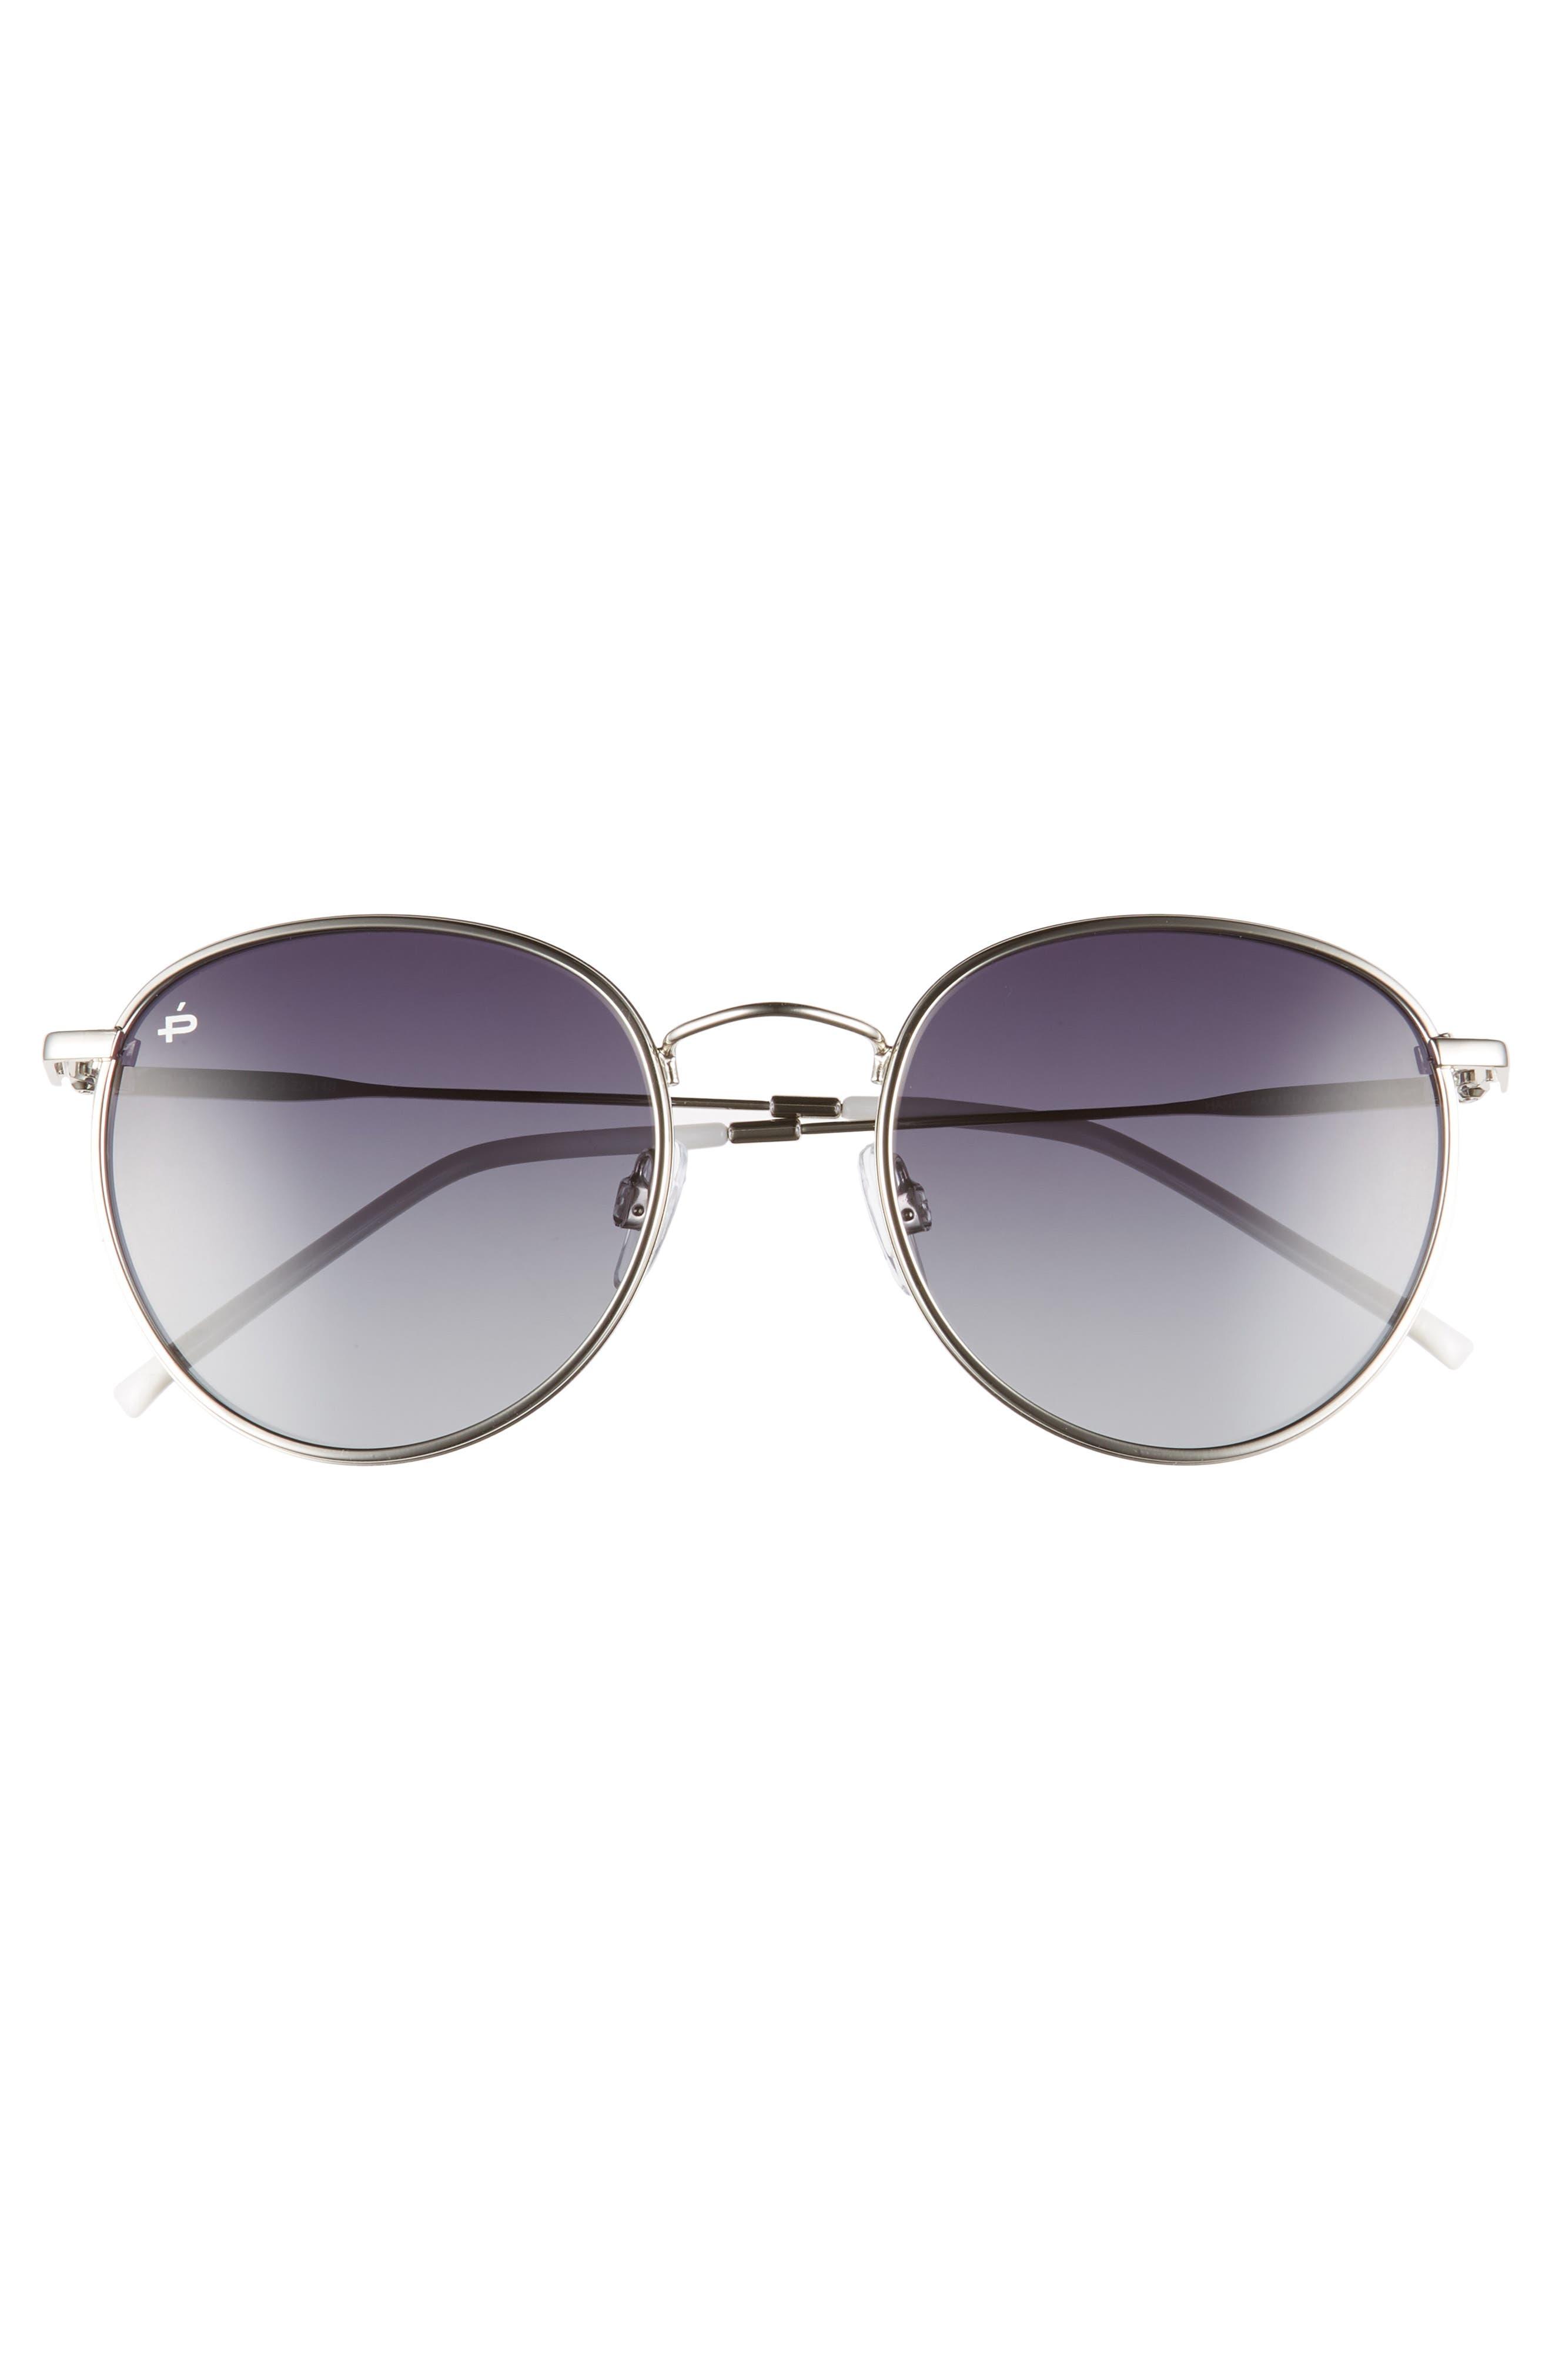 Privé Revaux The Patriot 53mm Sunglasses,                             Alternate thumbnail 6, color,